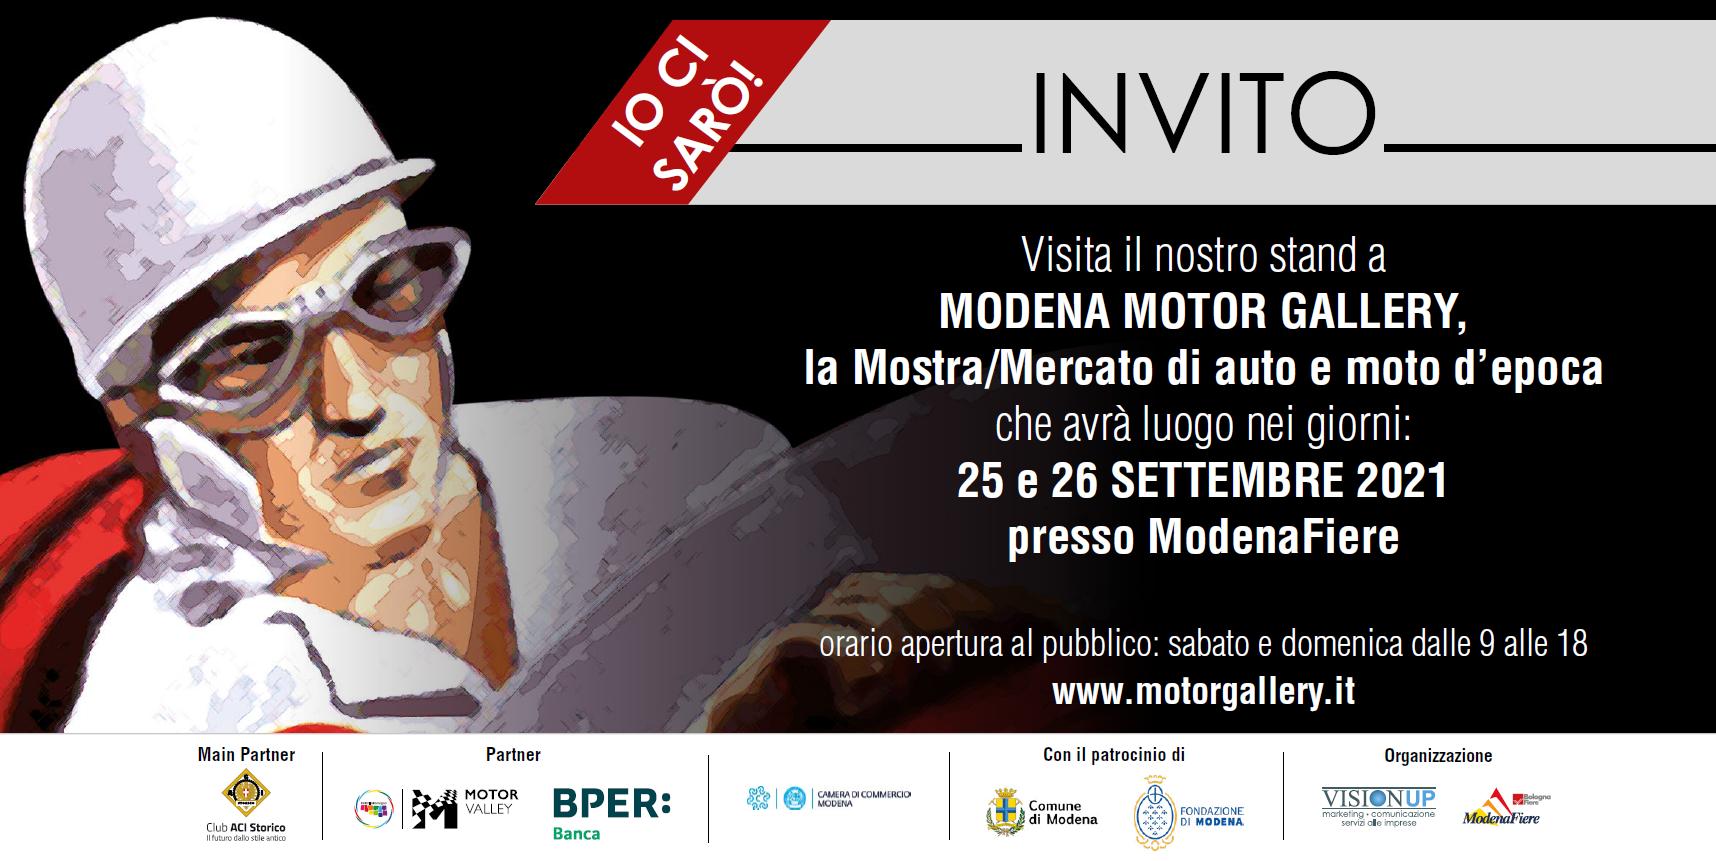 Carrozzeria Mirage alla Modena Motor Gallery!